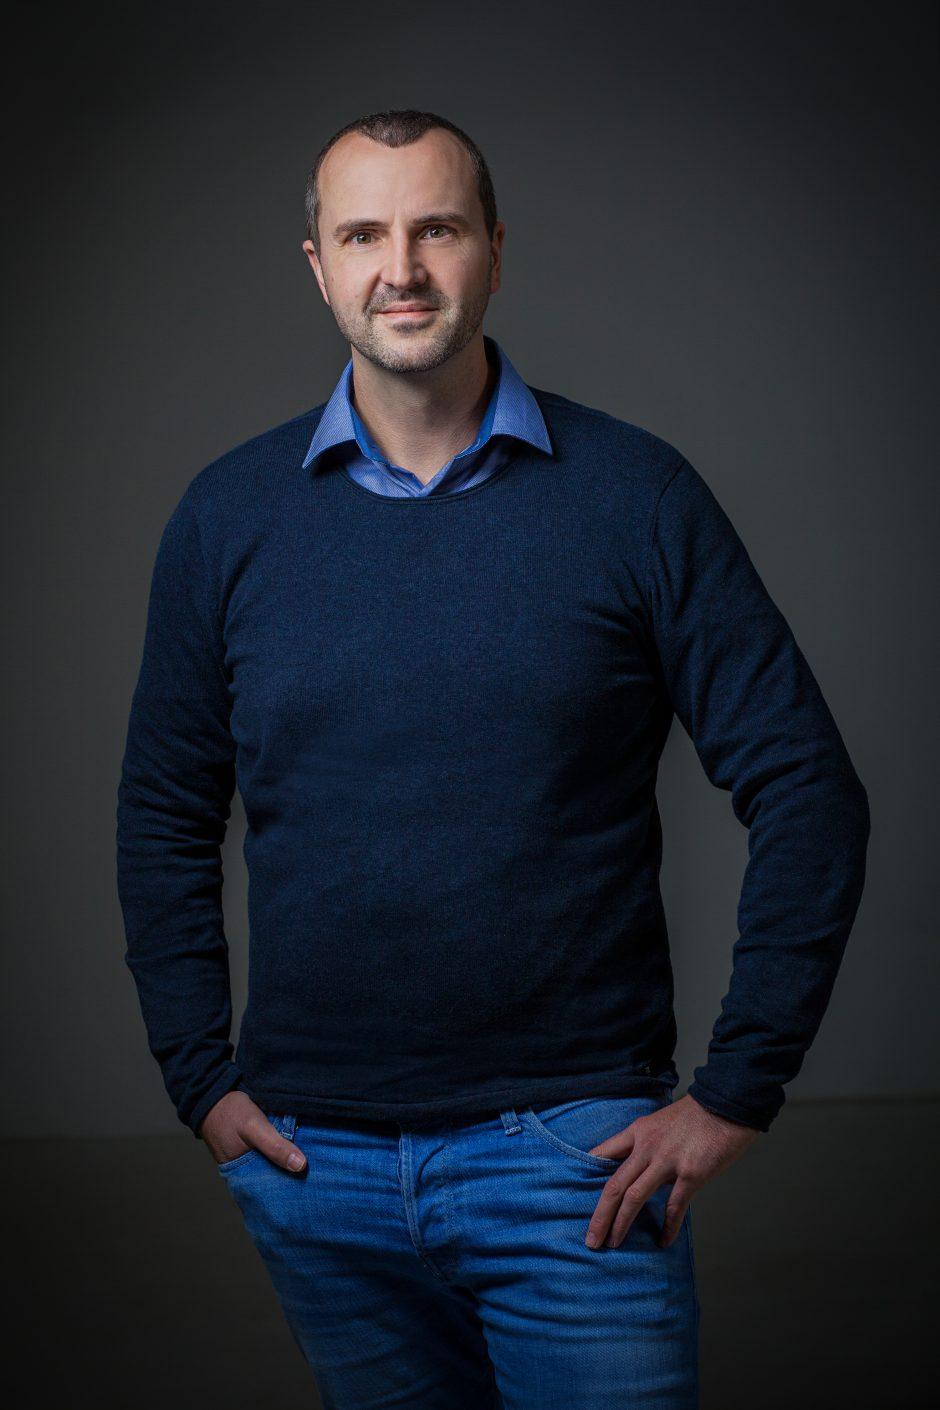 Christian Stremlau